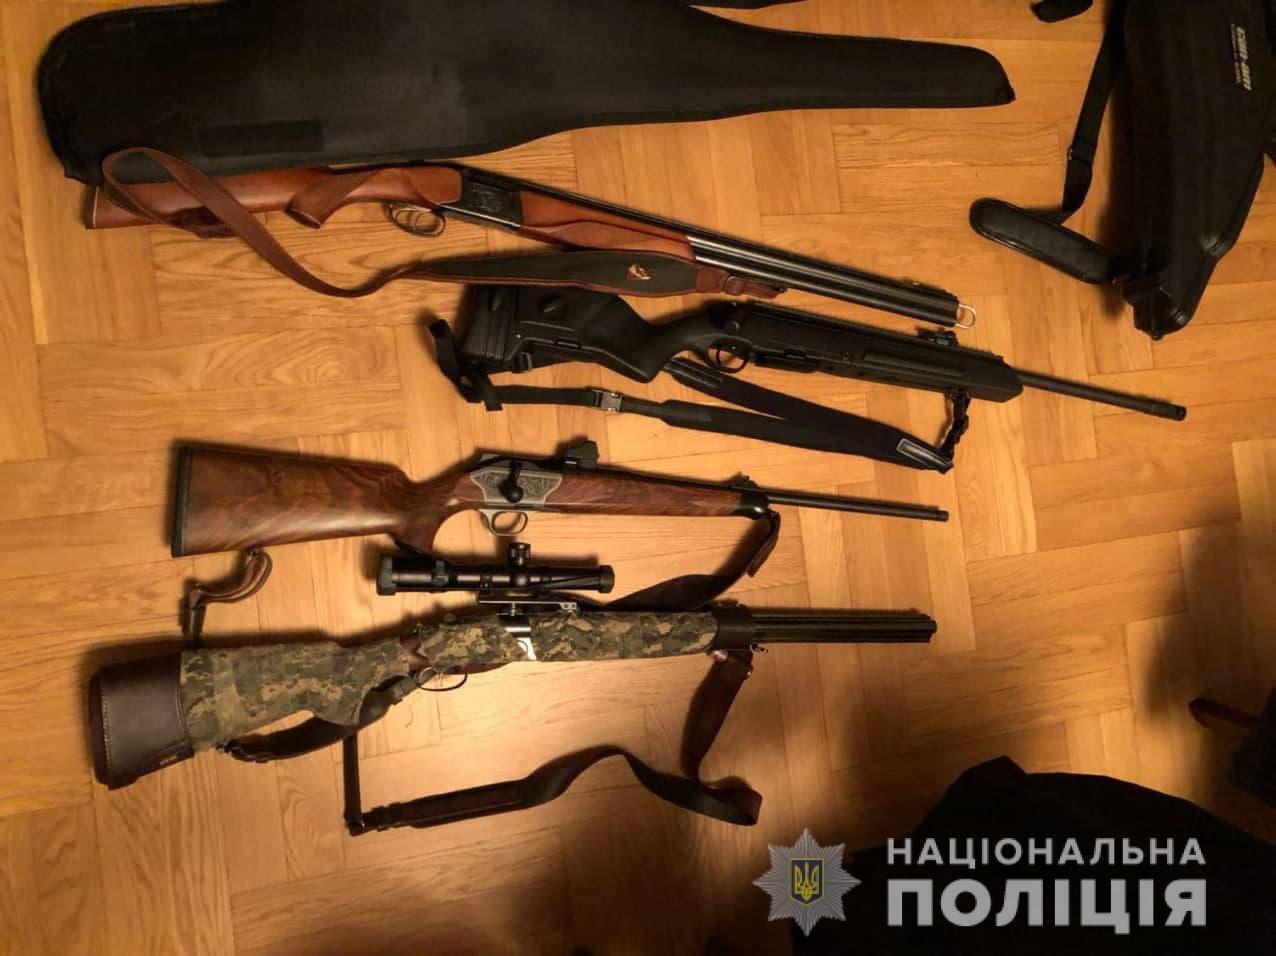 Во время обысков нашли оружие.